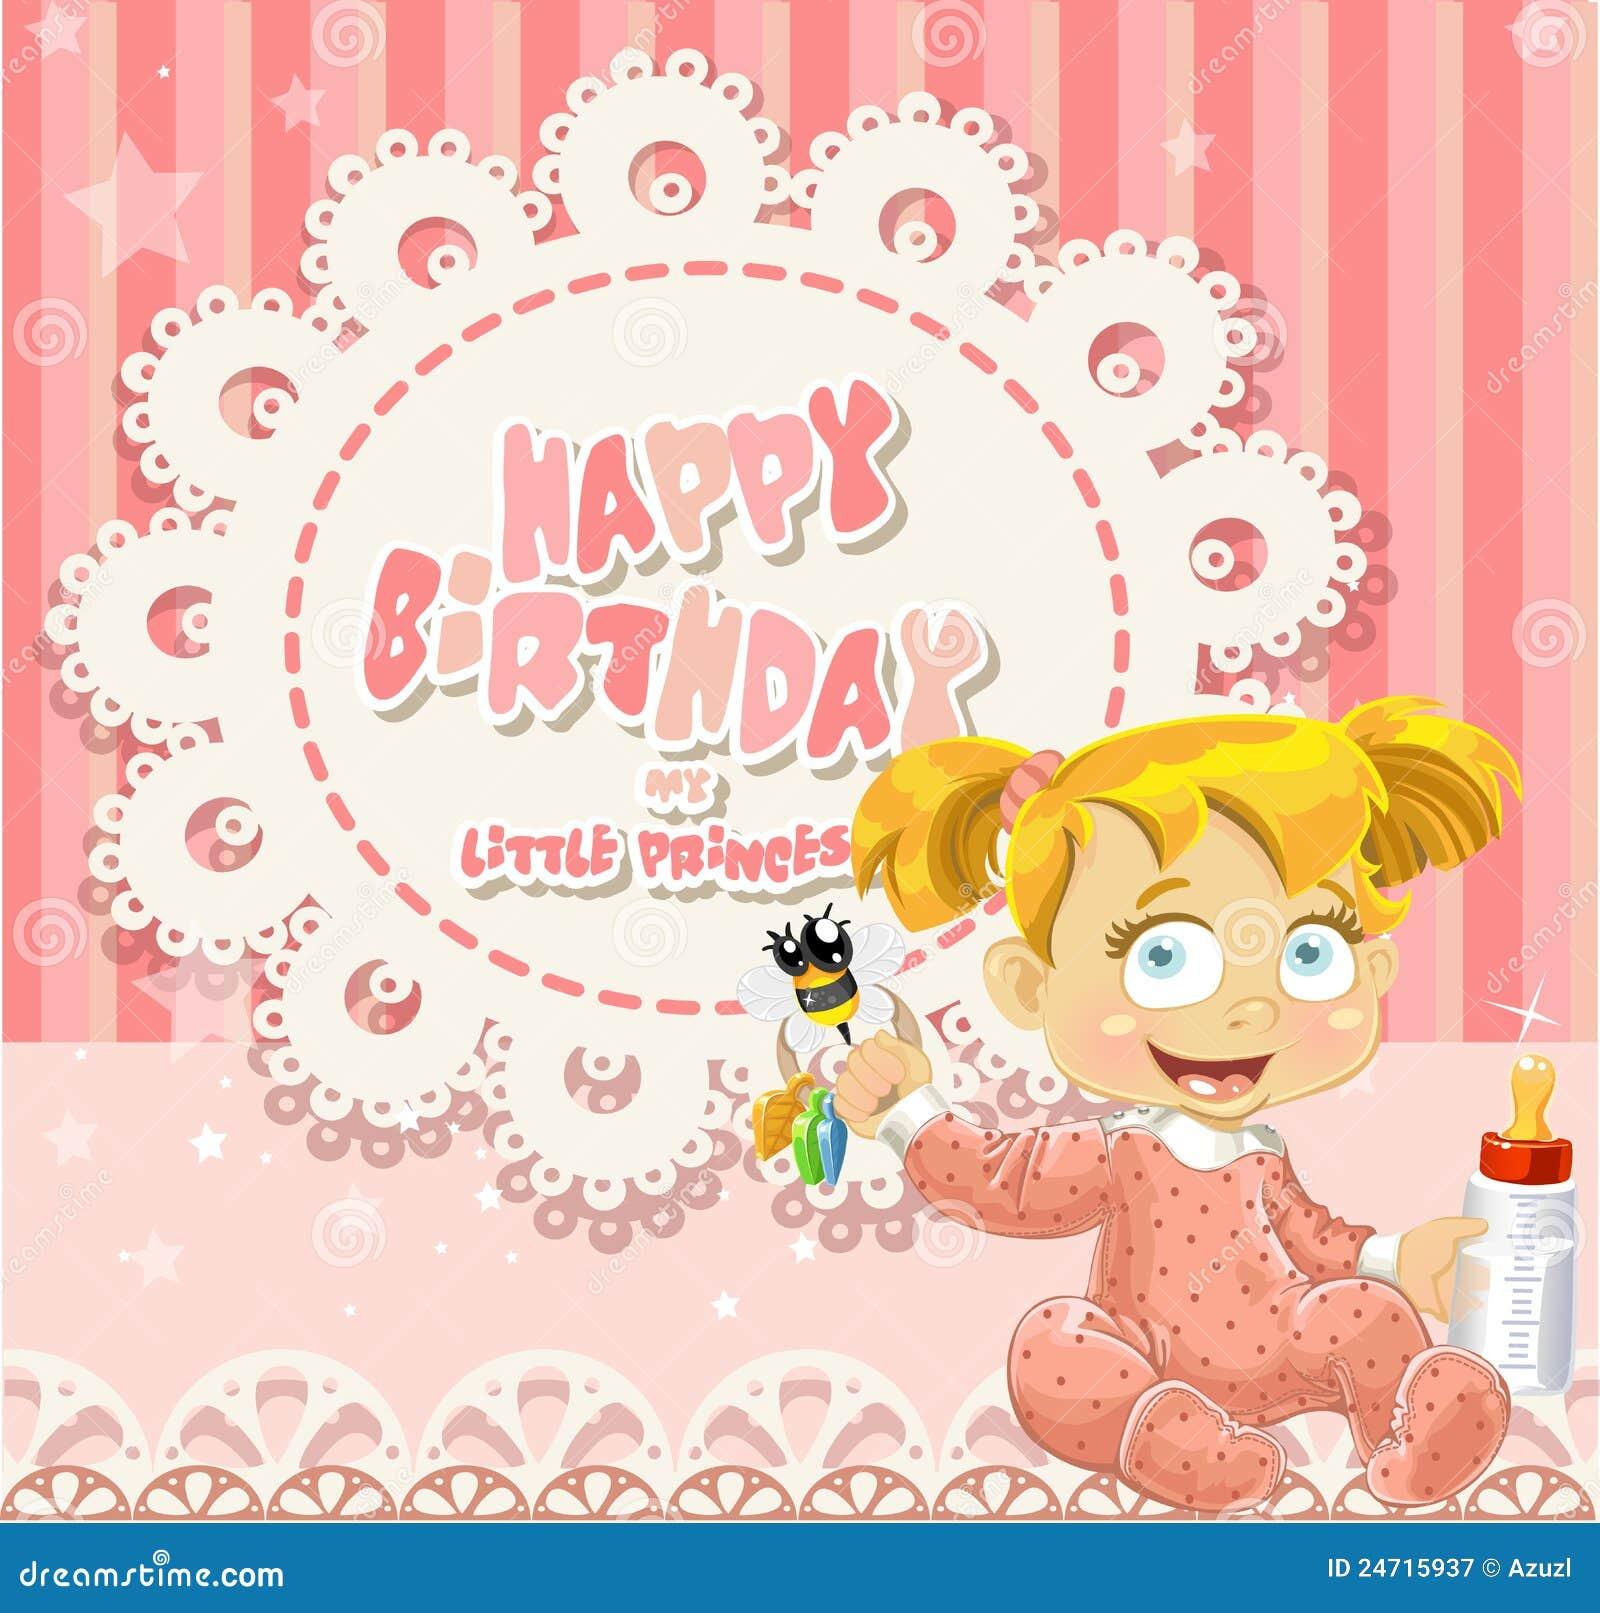 Joyeux Anniversaire Ma Petite Princesse Bebe Illustration De